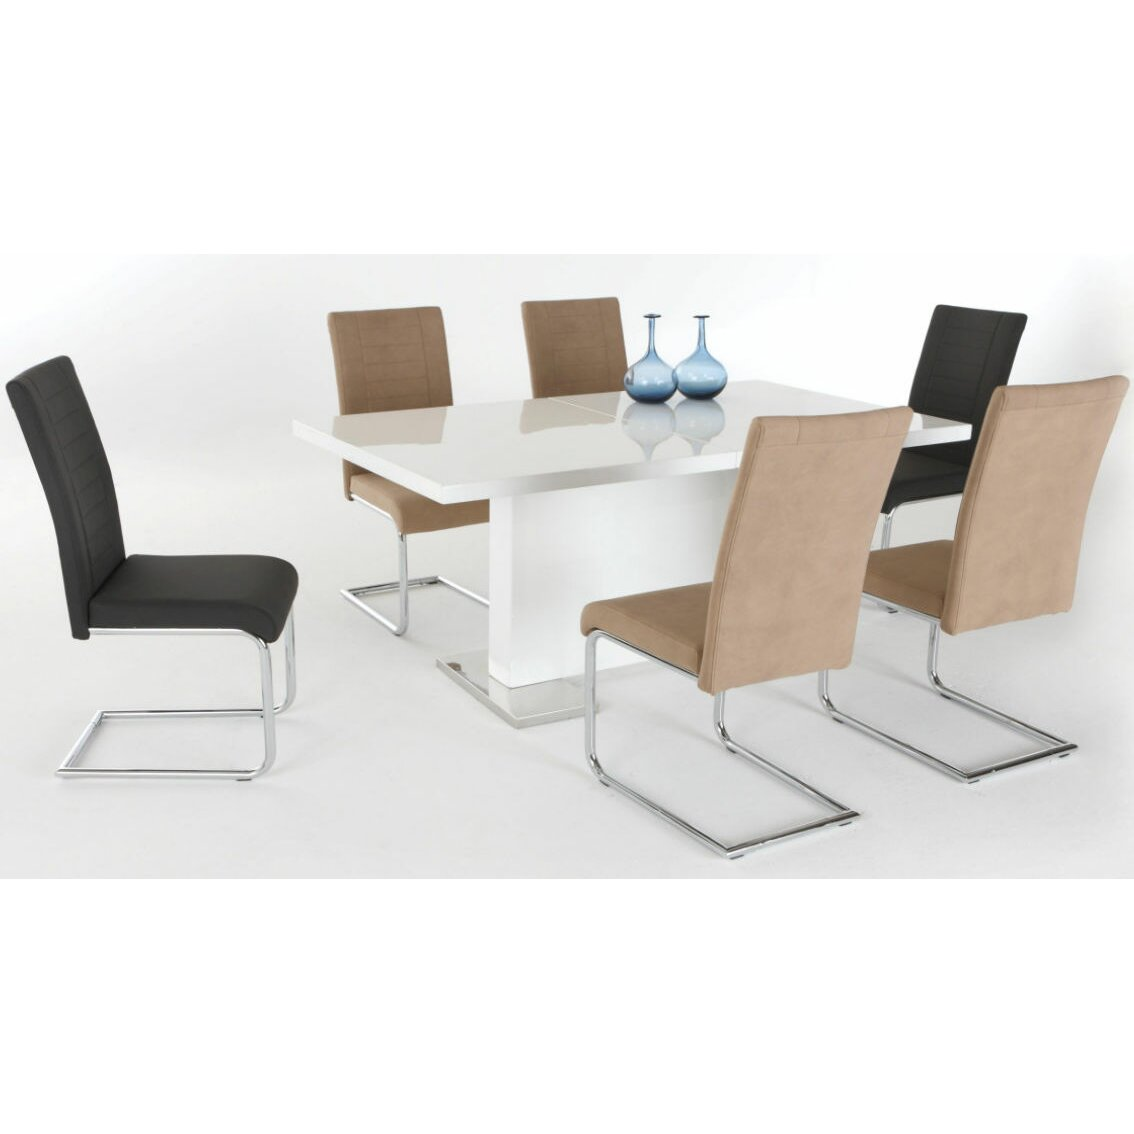 hela tische ausziehbarer esstisch iris bewertungen. Black Bedroom Furniture Sets. Home Design Ideas